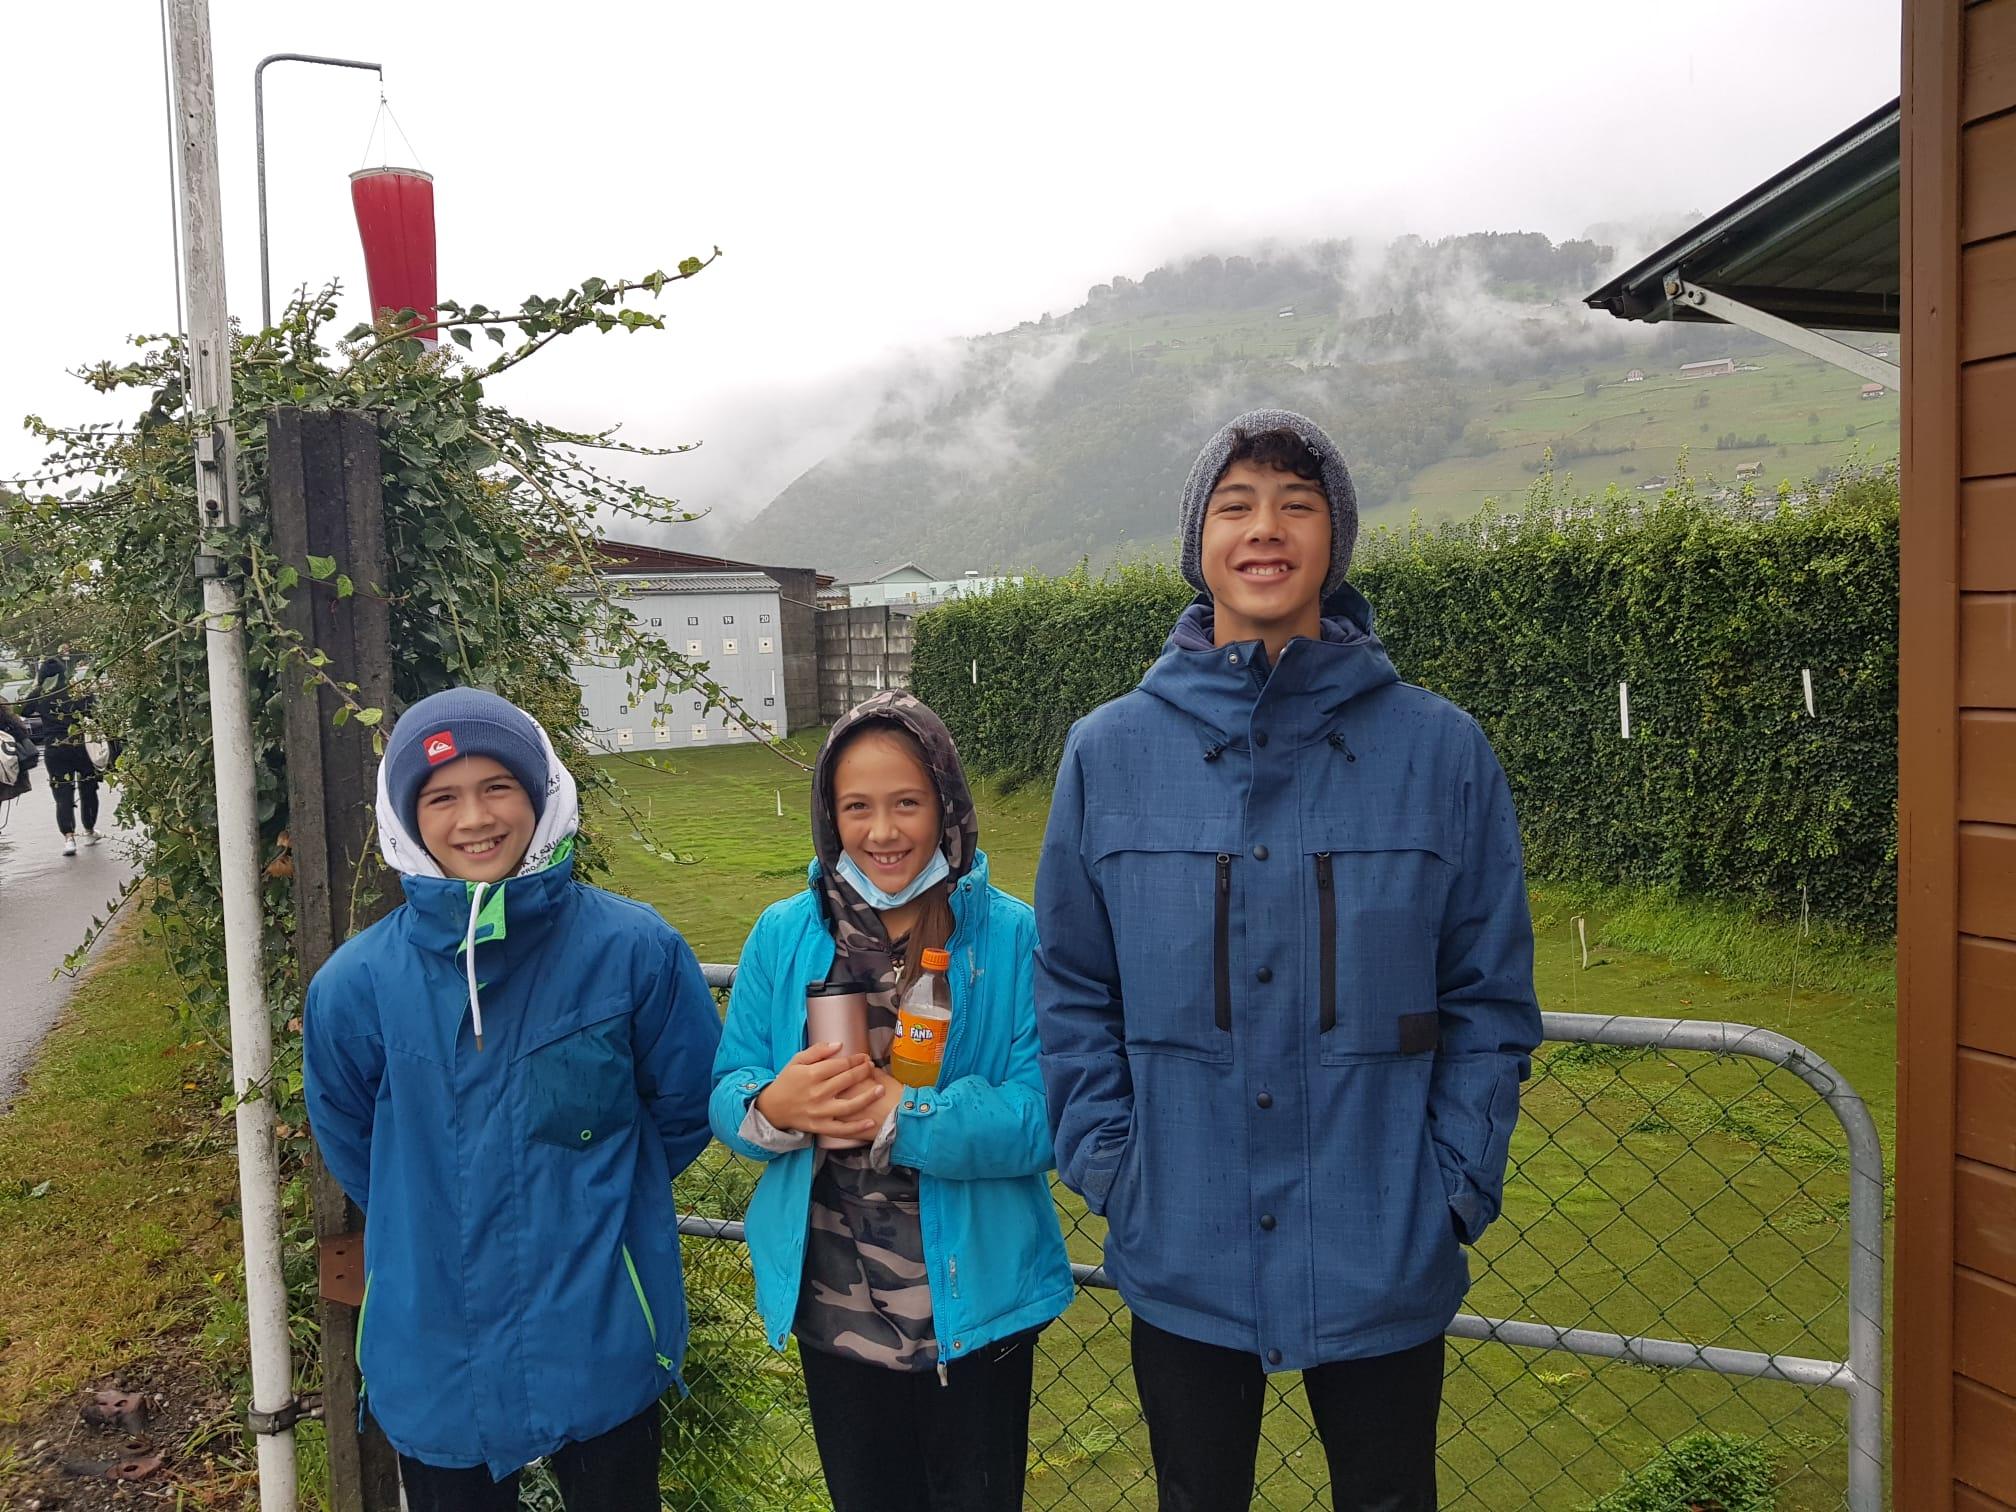 Schweizer Jugendfinal G50m